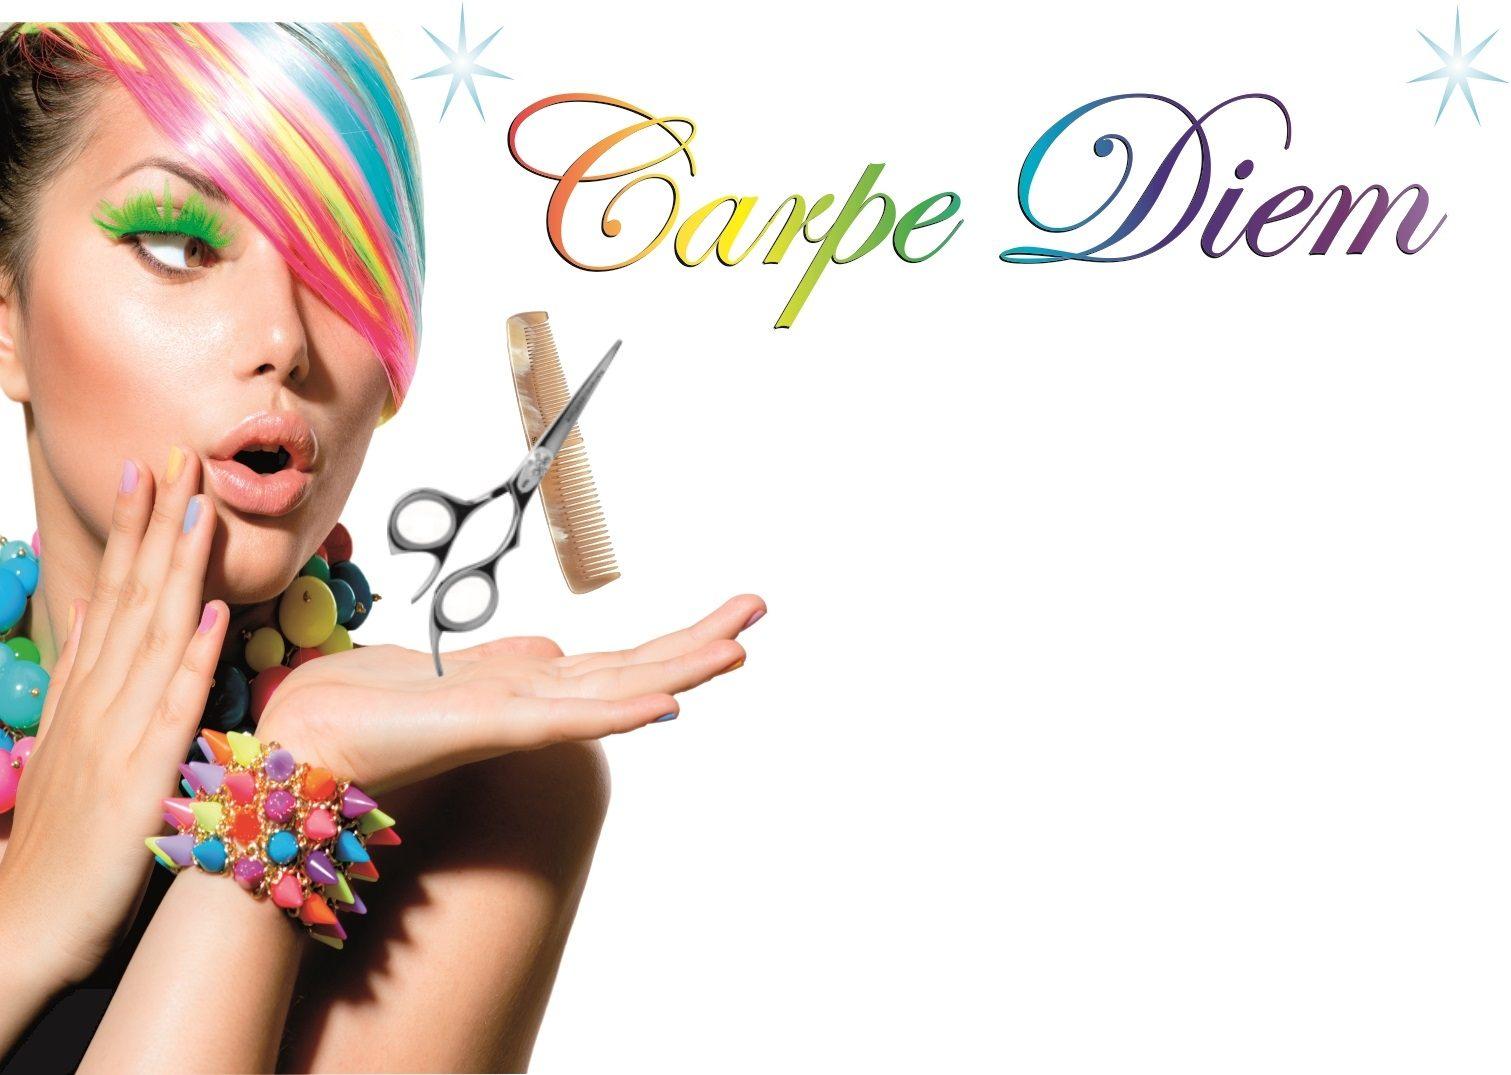 Carpe Diem - Garibaldi